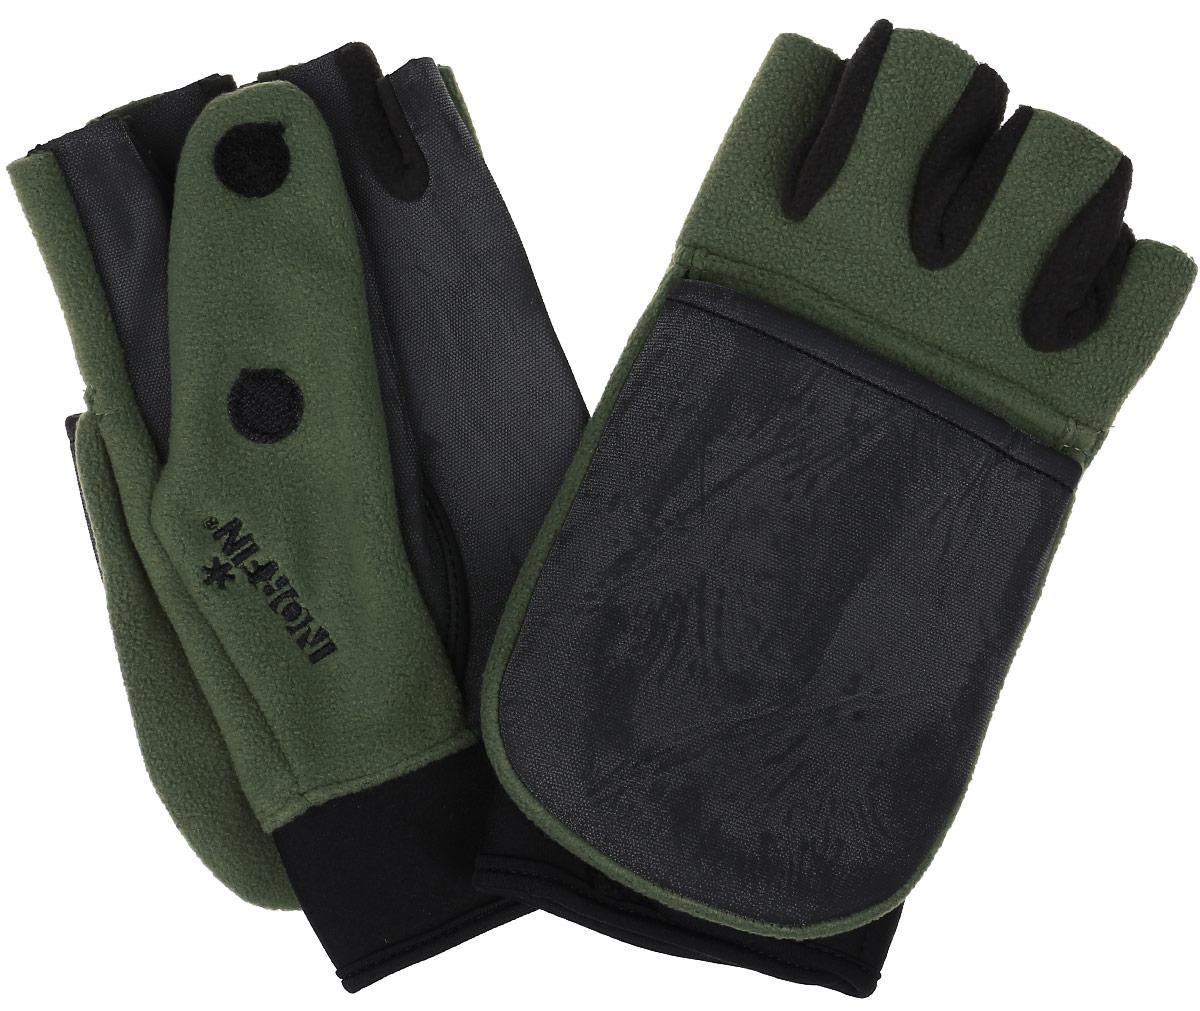 Перчатки-варежки мужские Norfin Windproof, цвет: черный, оливковый. 703056-L. Размер L (9)703056Перчатки-варежки Norfin Windproof защитят ваши руки. Они хорошо сохраняют тепло, мягкие, идеально сидят на руке. Перчатки-варежки в области ладони и с внутренней стороны большого пальца выполнены из водоотталкивающего материала, верх выполнен из флиса. Изделие представляет собой перчатки без пальцев, к внешней стороне которых крепится капюшон, накинув его на пальцы, перчатки превращаются в варежки. На большом пальце имеется отверстие. Капюшон фиксируется на перчатке при помощи липучки.